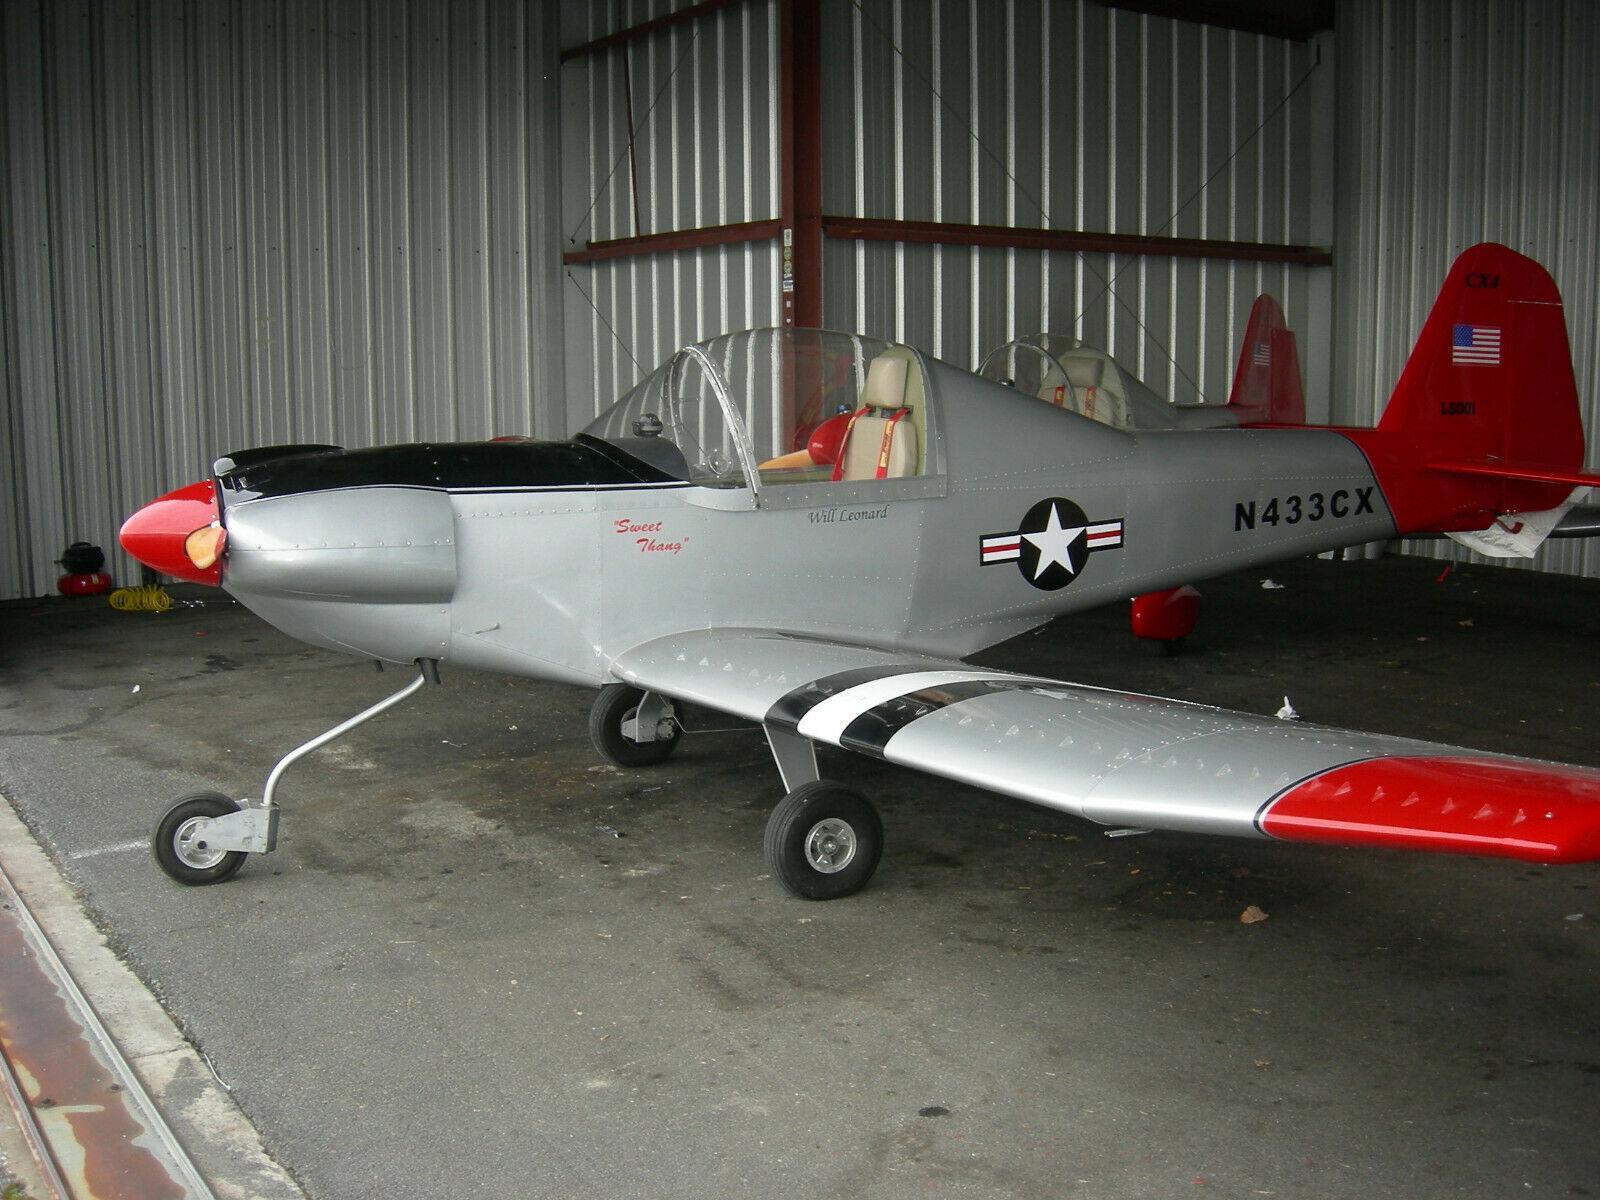 superb 2008 Thatcher C X 4 Light SPORT aircraft for sale